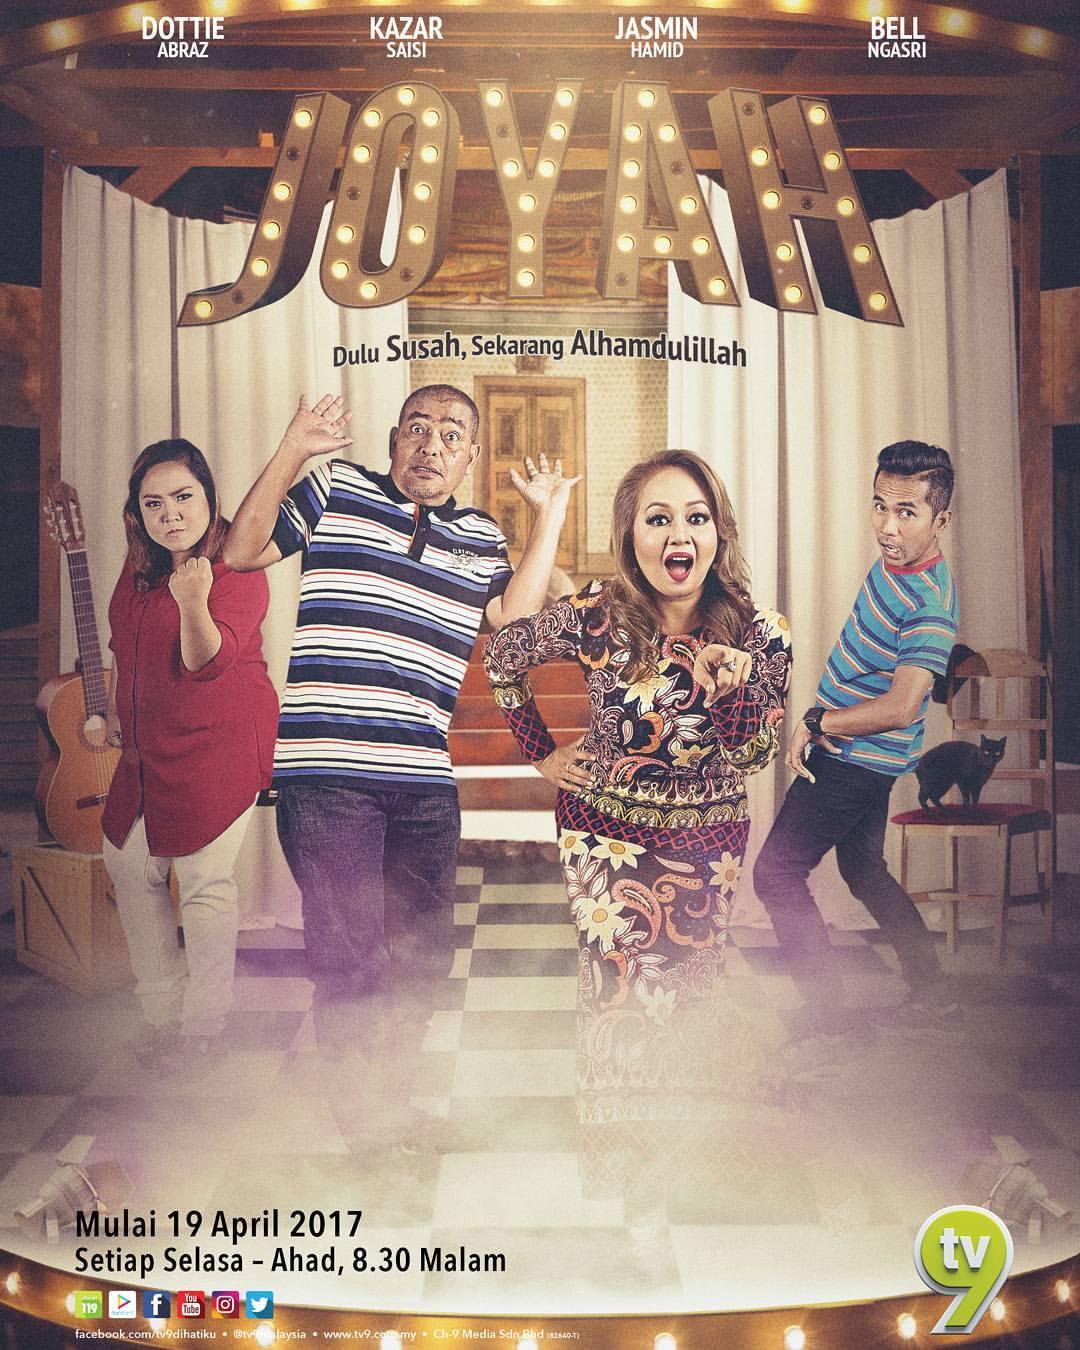 Sinopsis Drama Joyah (2017) TV9